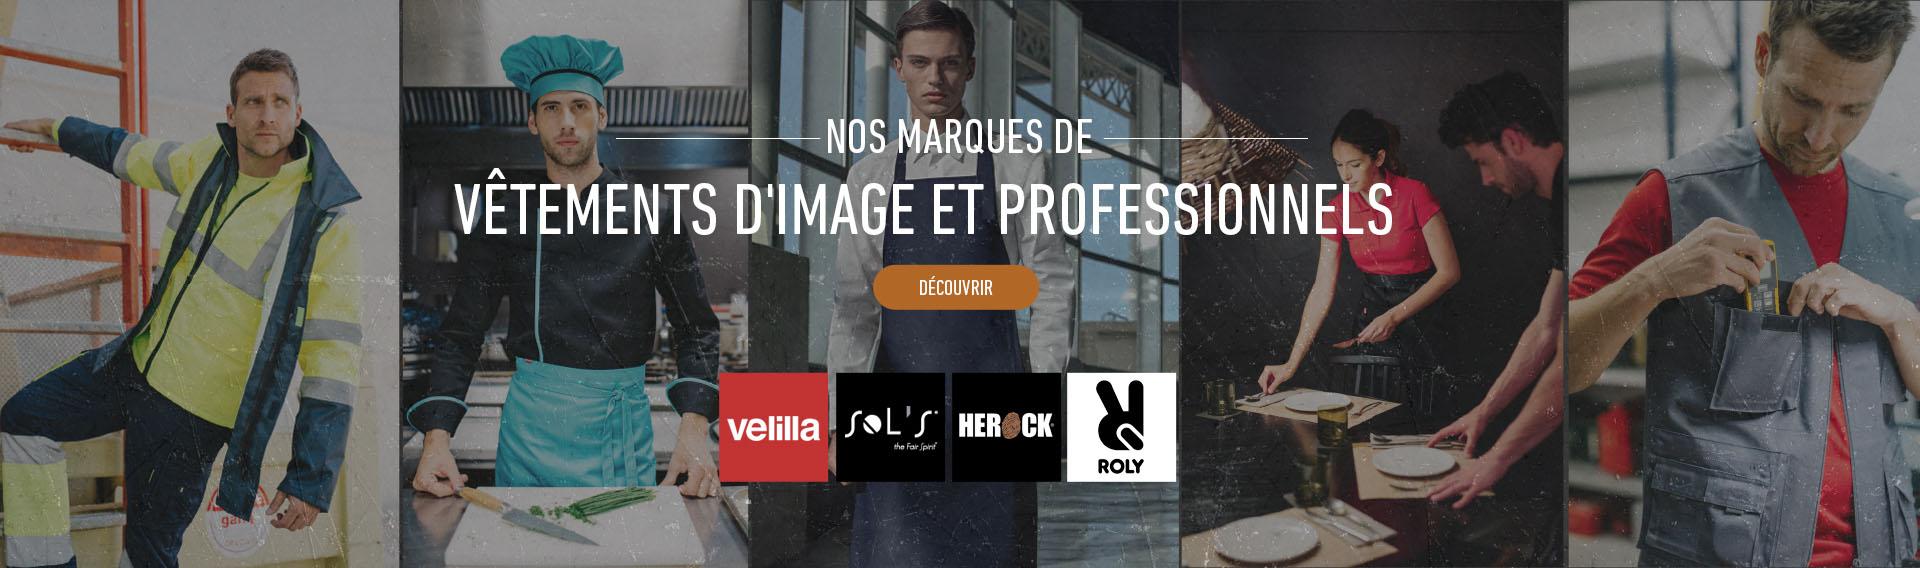 Vêtements d'image et professionnels